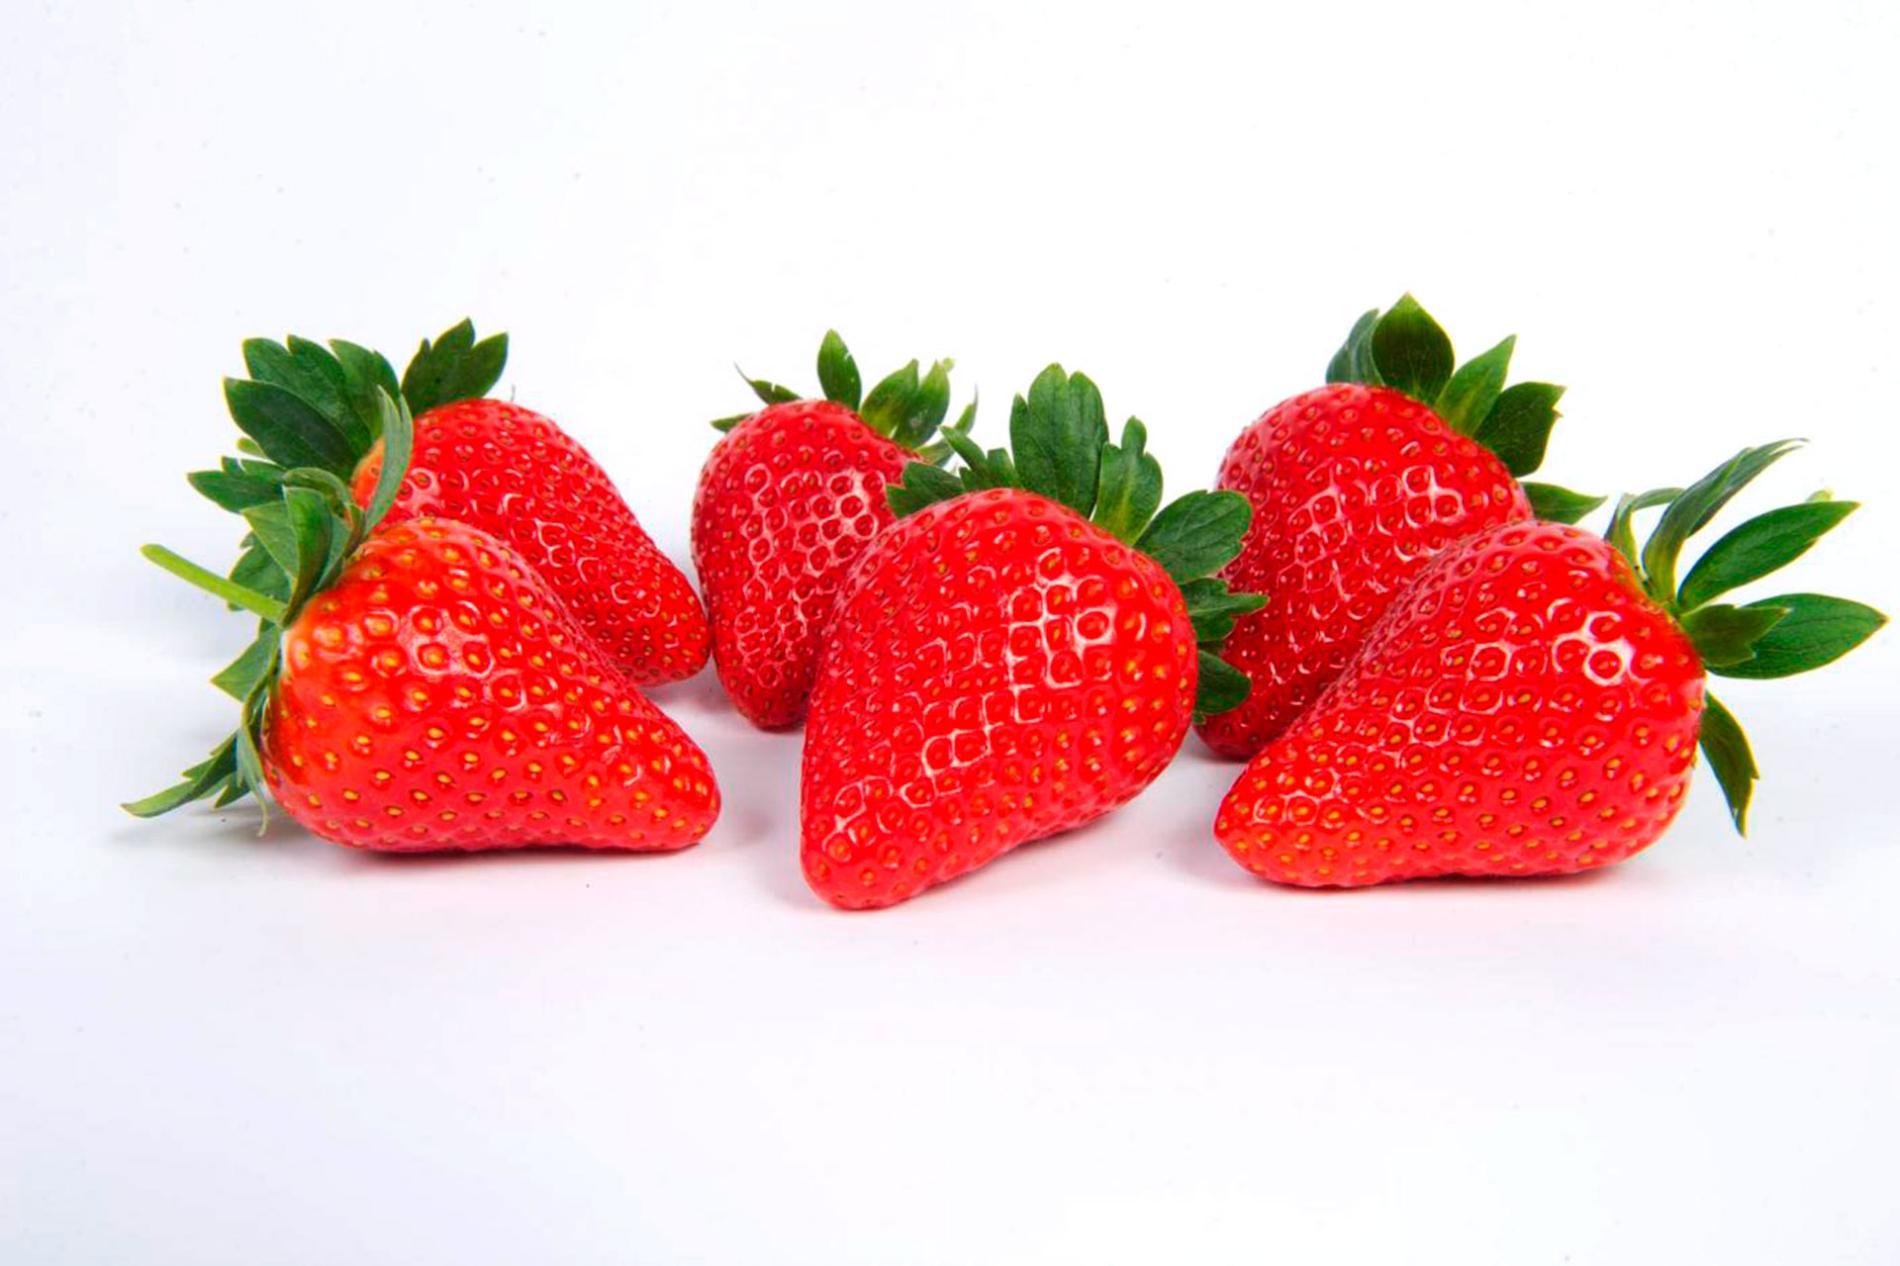 Fresas en fondo blanco